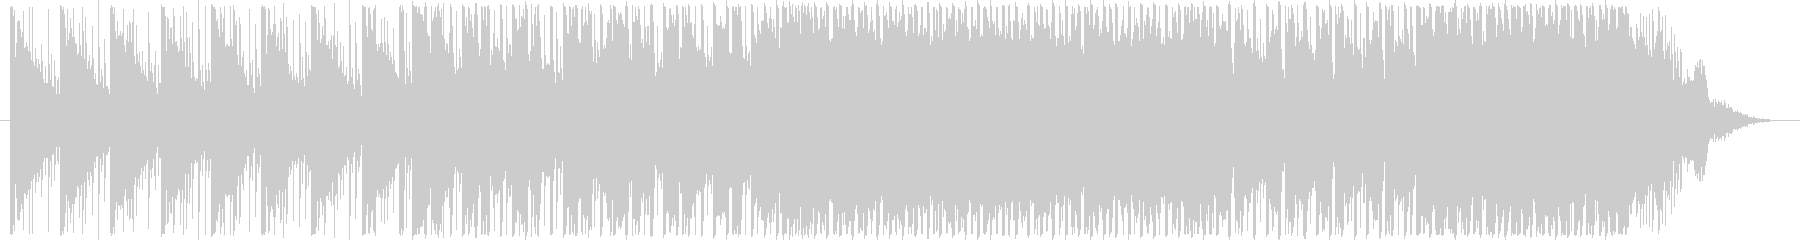 ピコピコ・シンプルシンセコードBGMの未再生の波形